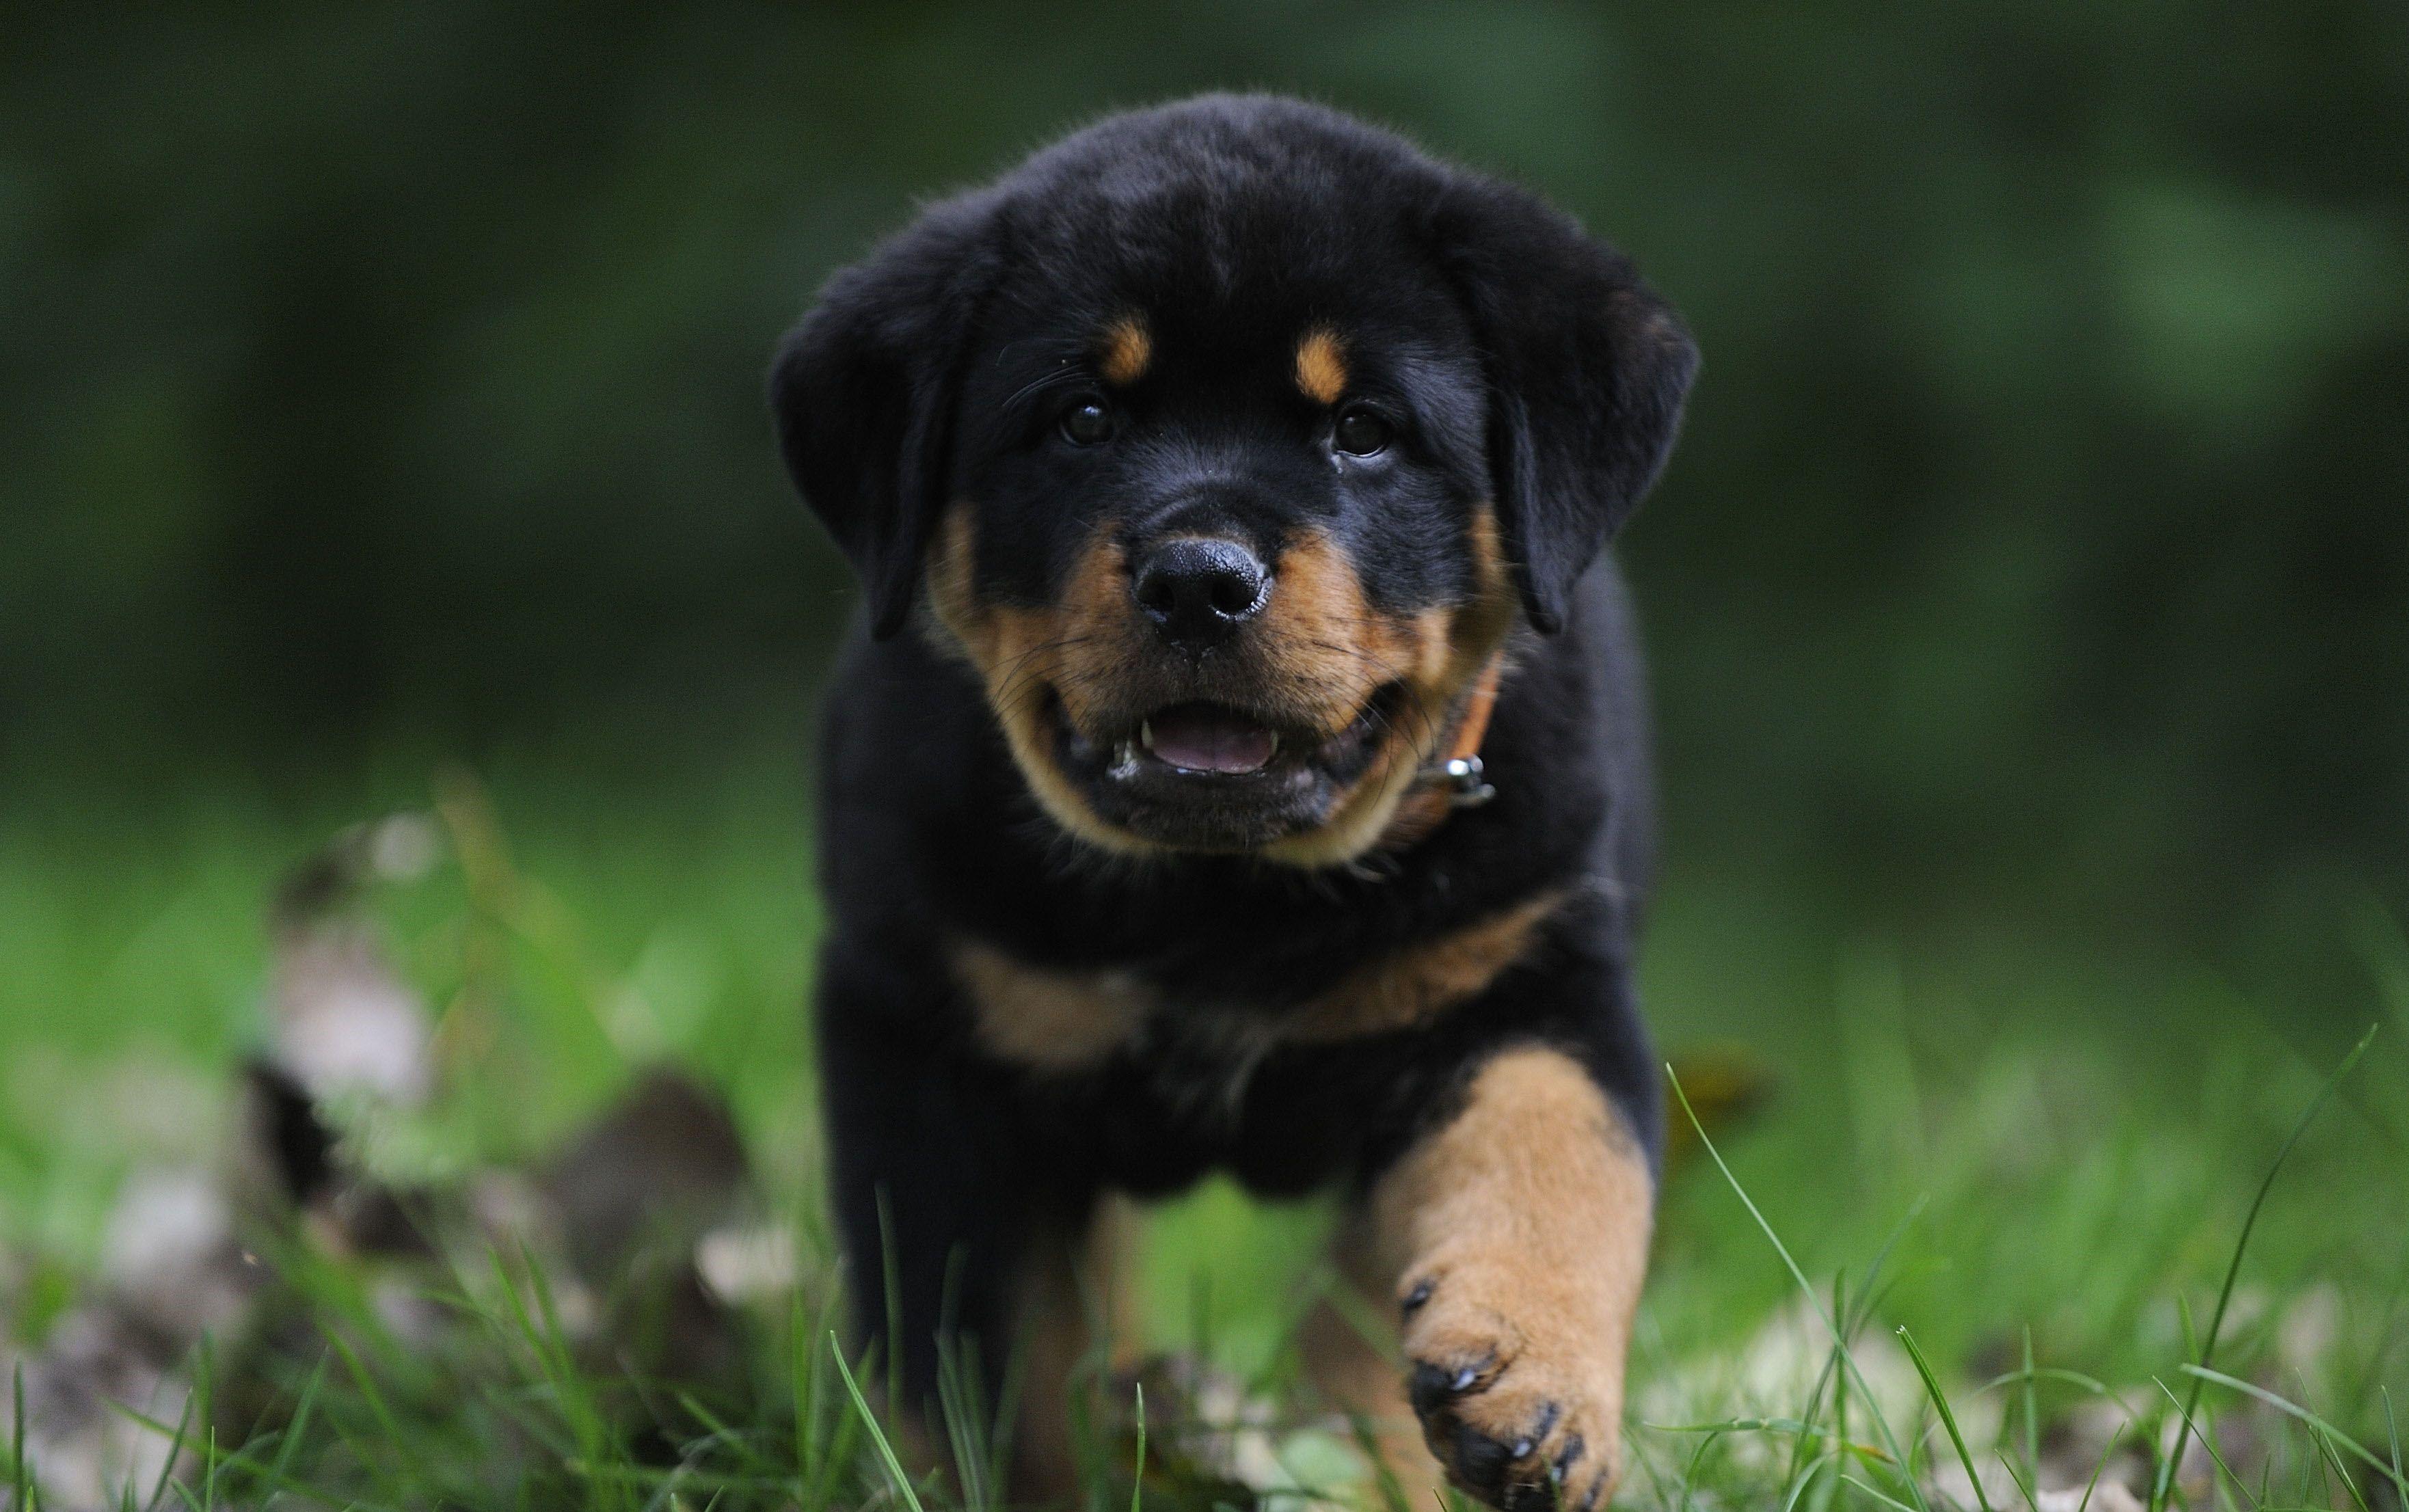 Dog Desktop images